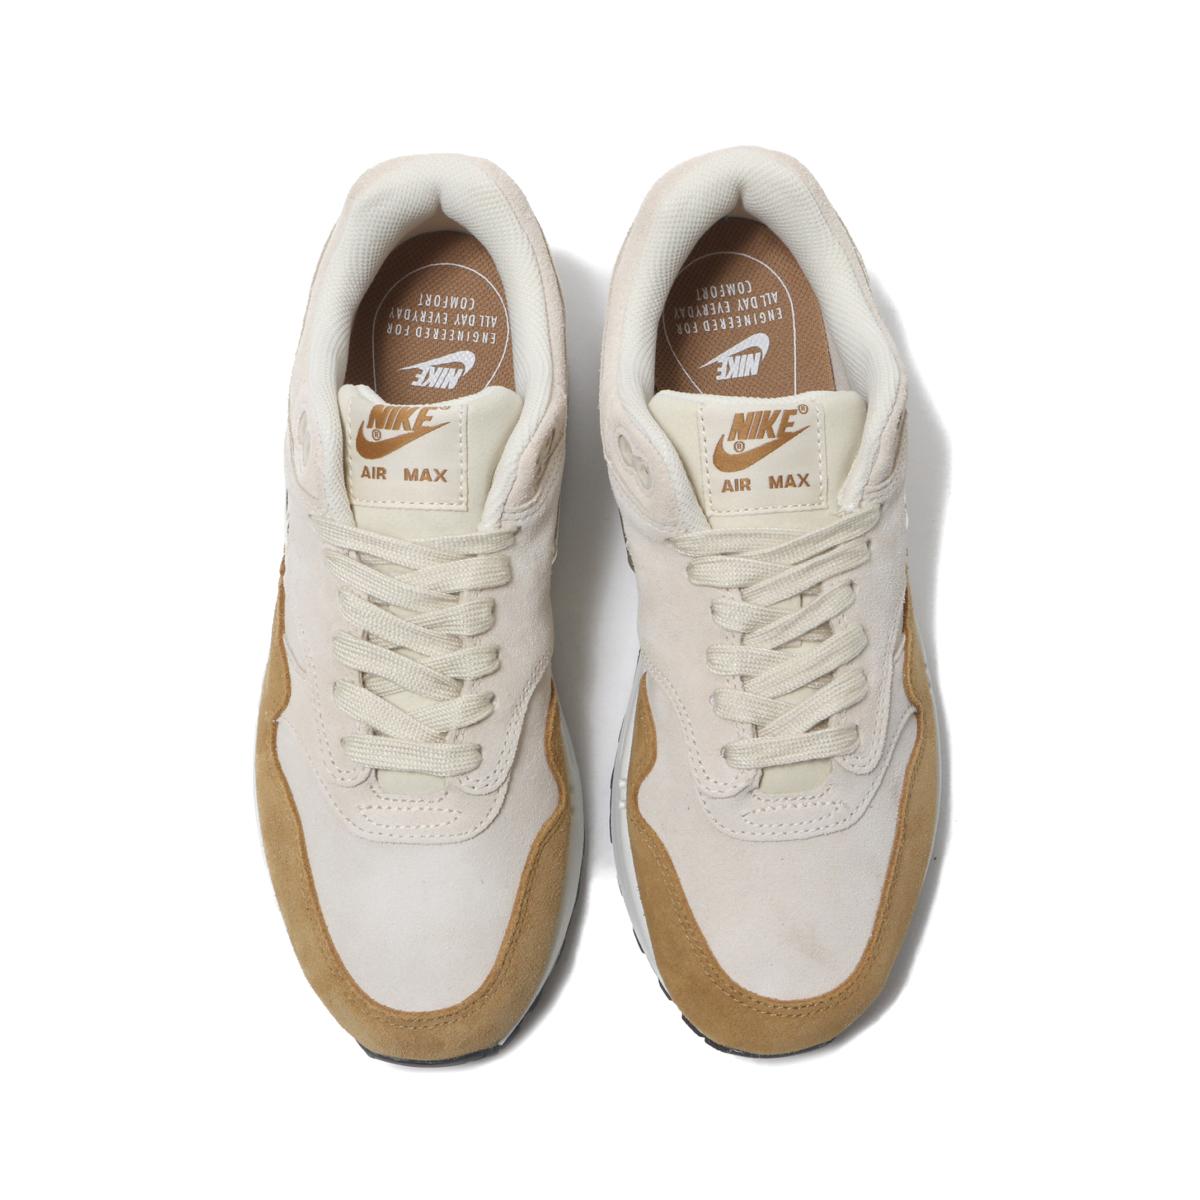 e1e3dc2e02 ... NIKE W AIR MAX 1 PREMIUM SC (Nike women Air Max 1 premium SC) ...